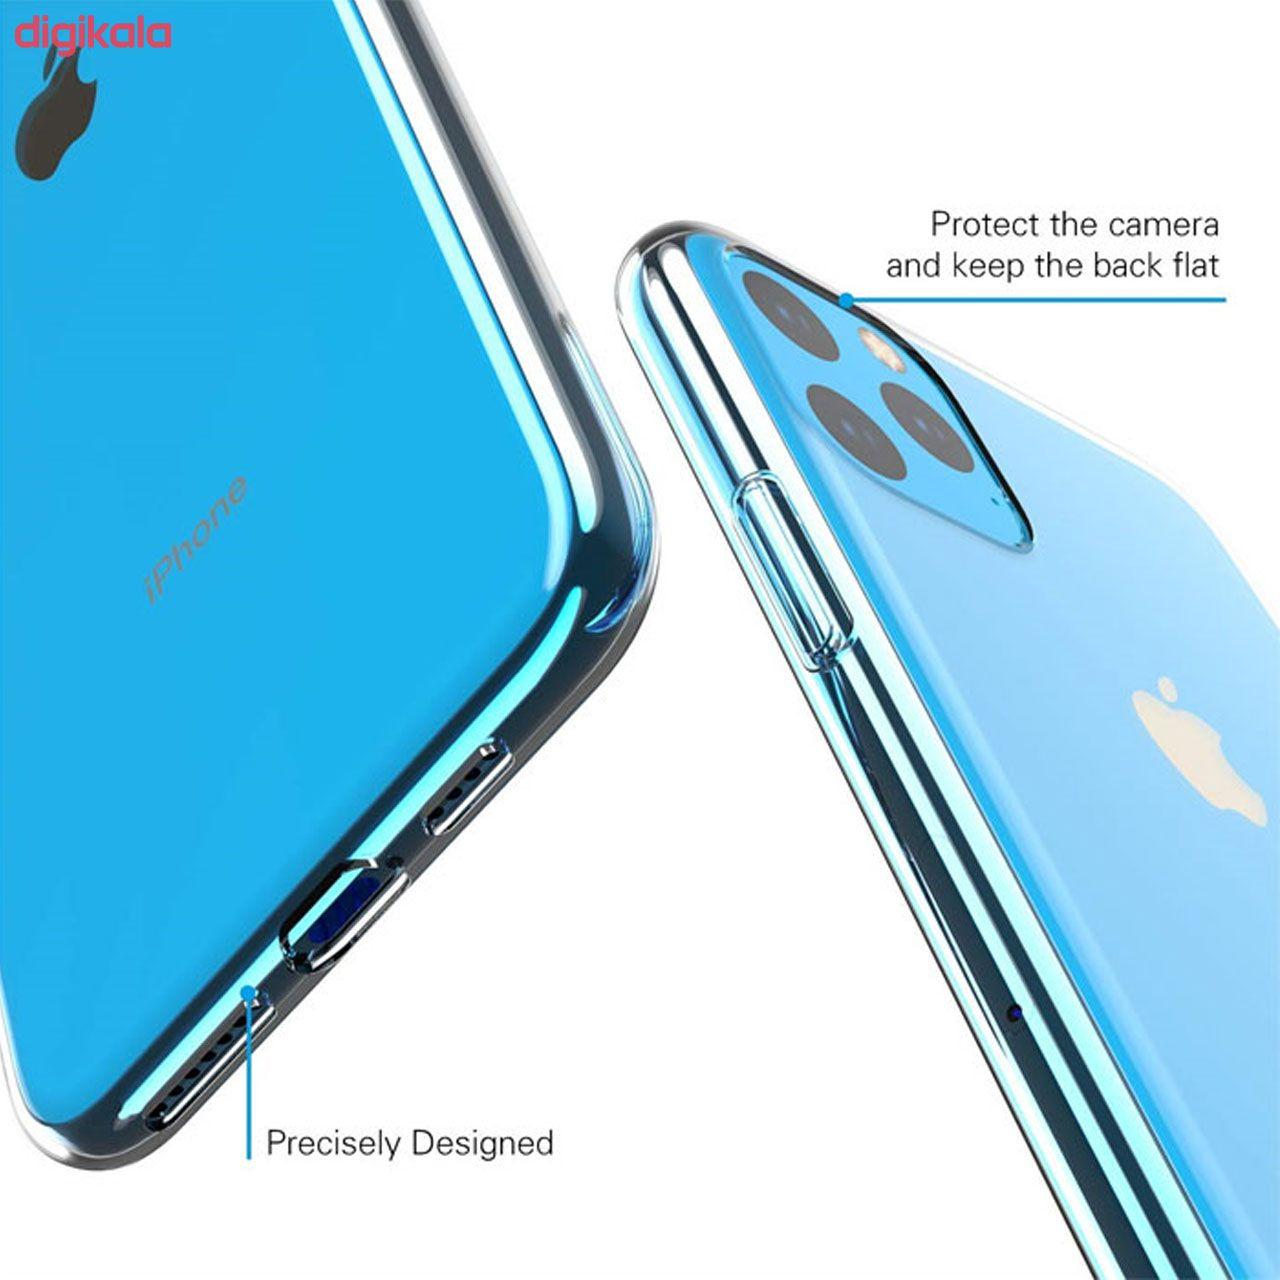 کاور مدل BLKN مناسب برای گوشی موبایل اپل iPhone 12 Pro Max main 1 7